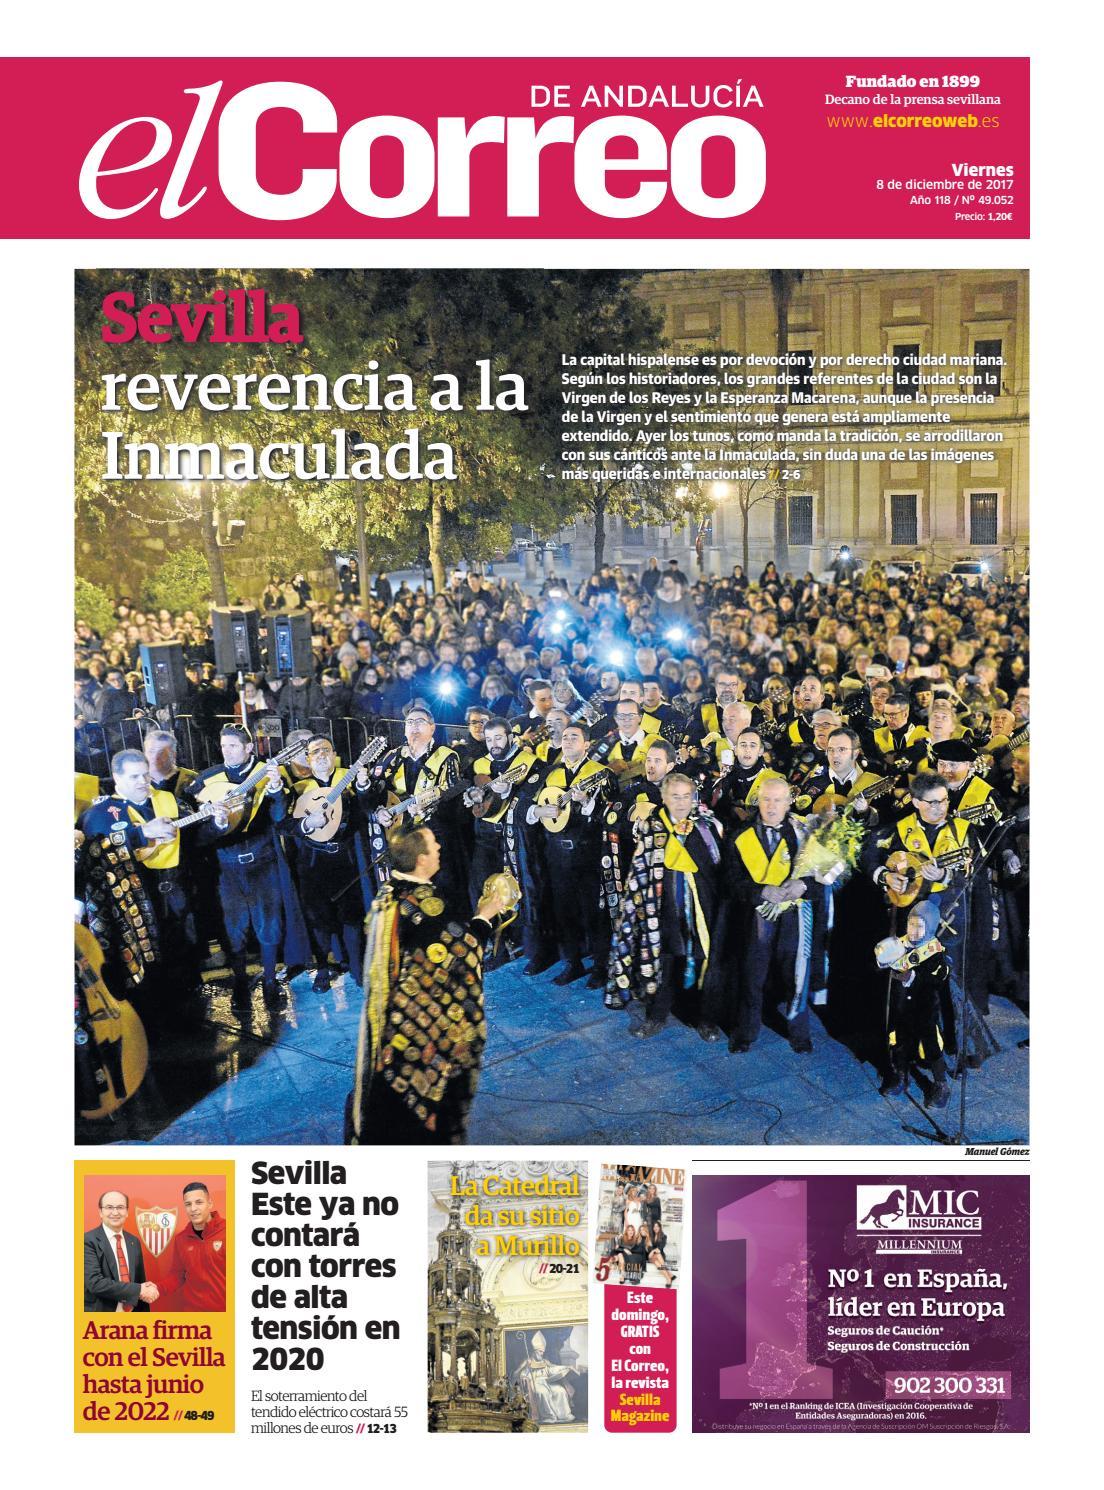 a0516279513d9 08.12.2017 El Correo de Andalucía by EL CORREO DE ANDALUCÍA S.L. - issuu